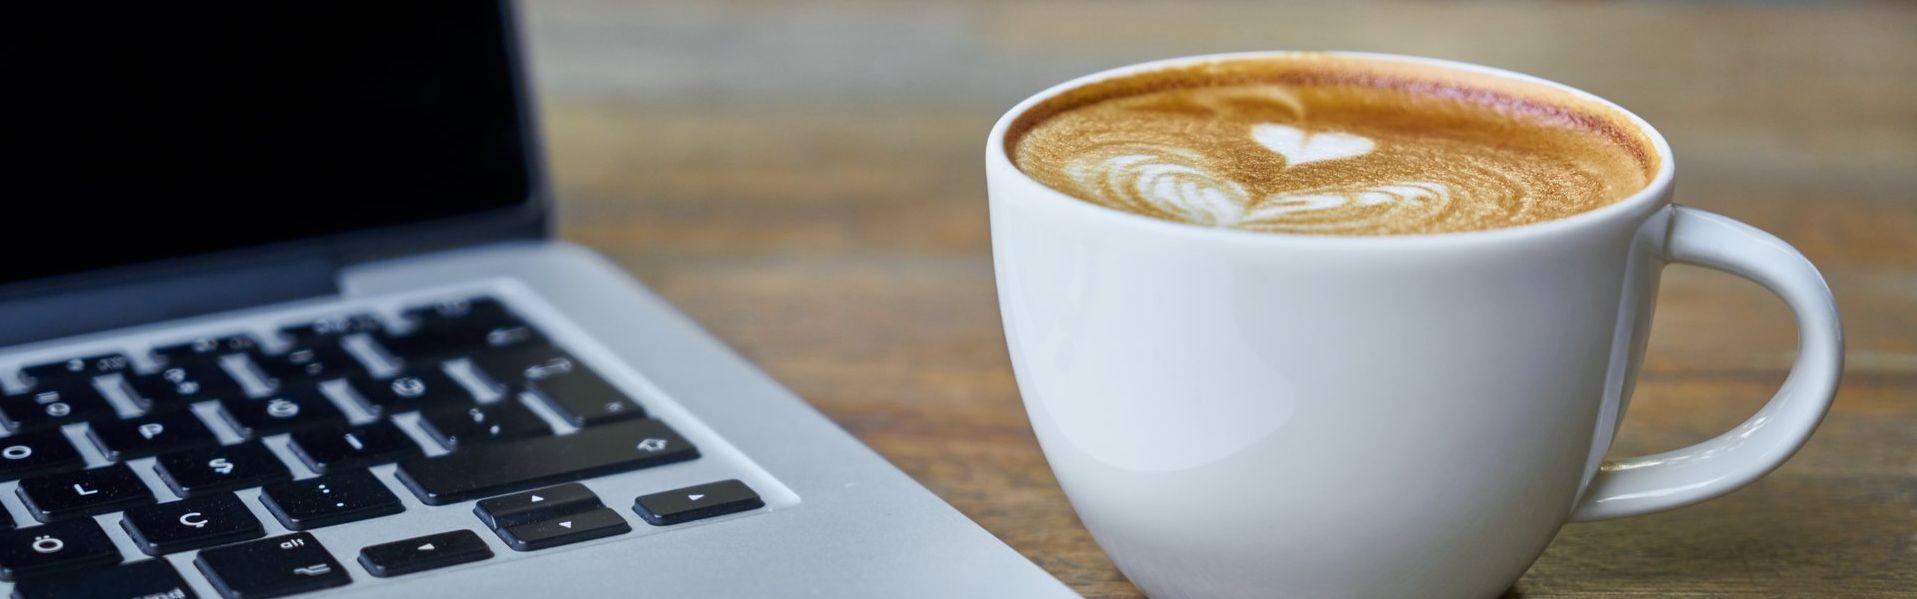 Hub-Satellit Digital Café #17: Durch Versandkommunikation zu 5-Sterne-Bewertungen